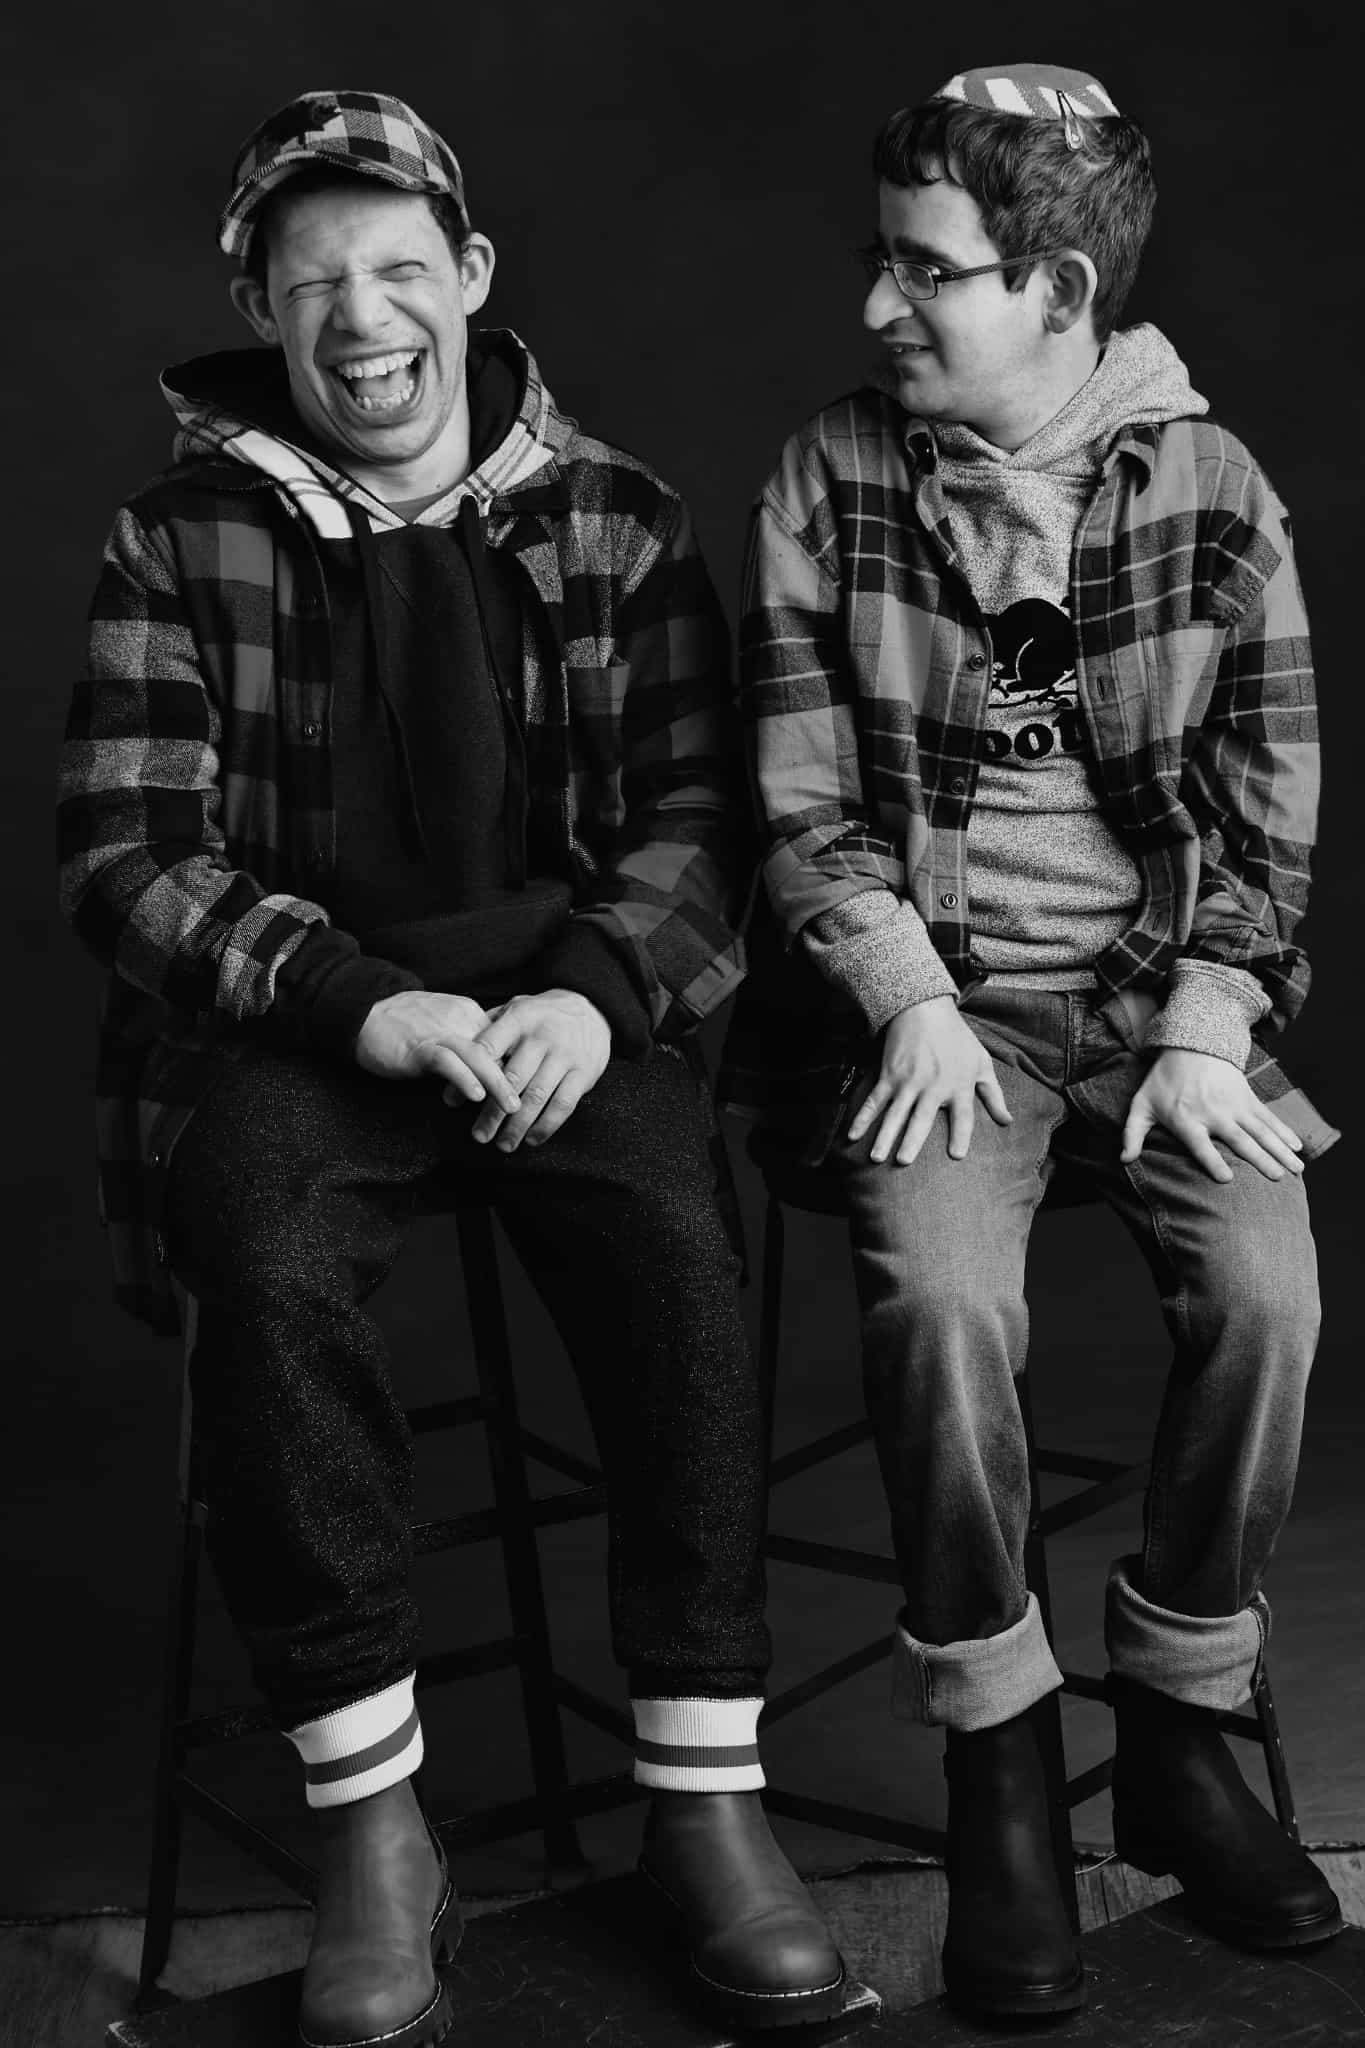 דניאל (משמאל) ודני עושים פוזות למצלמה (צילום: Barbara Stoneham/courtesy of Roots)